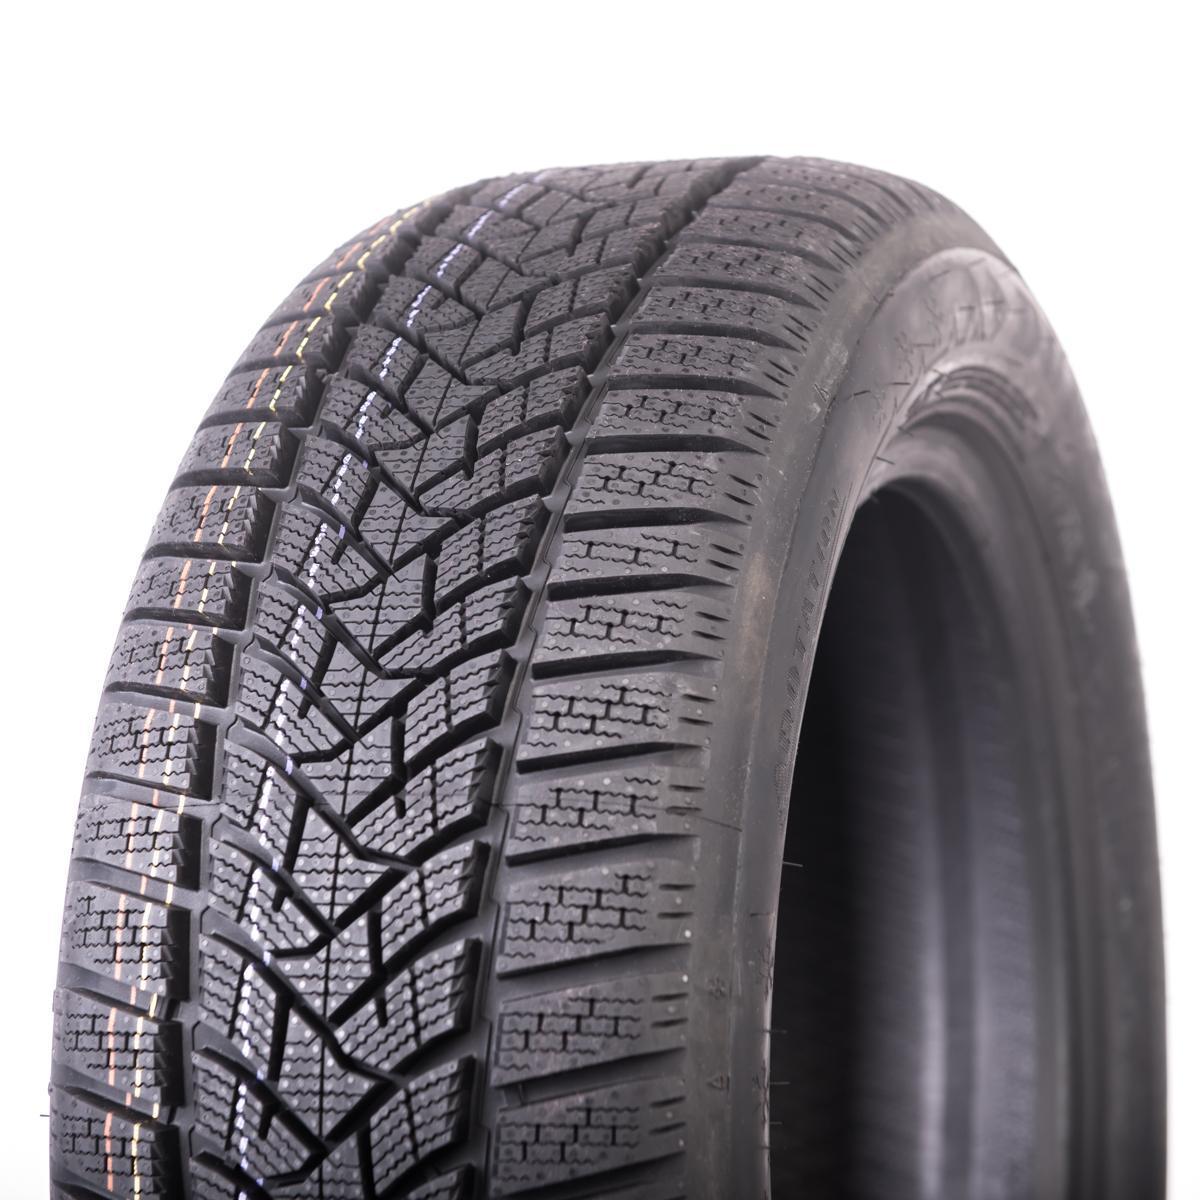 Opony Dunlop Sp Winter Sport 5 22545 R17 91h Zimowe Wysyłka 24h